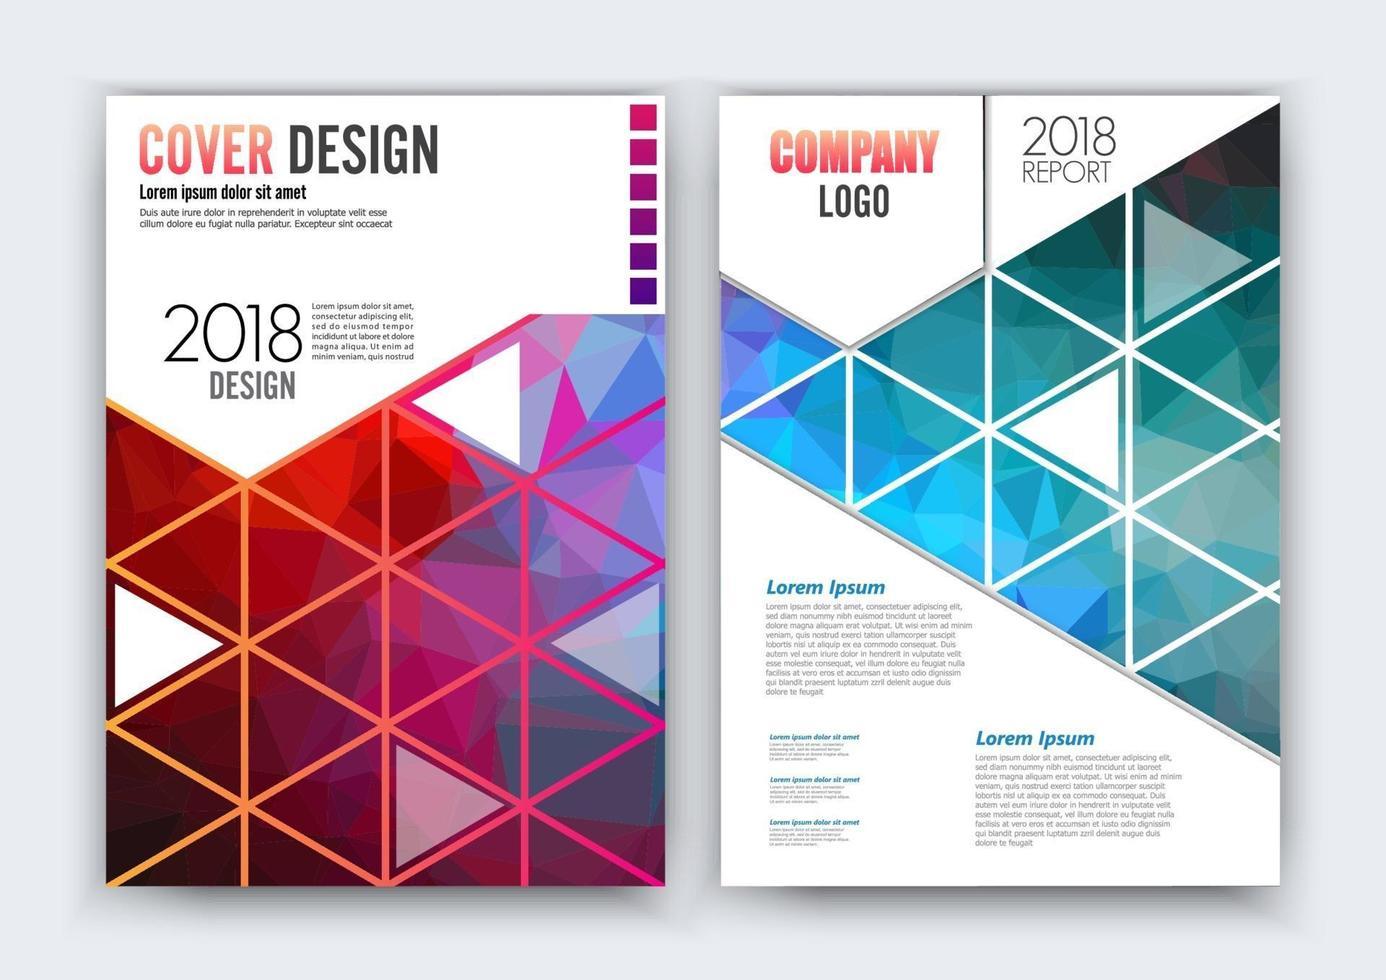 modelo de layout do projeto do folheto do vetor do folheto, tamanho A4. design curvo, layout elegante com espaço para texto e imagens.